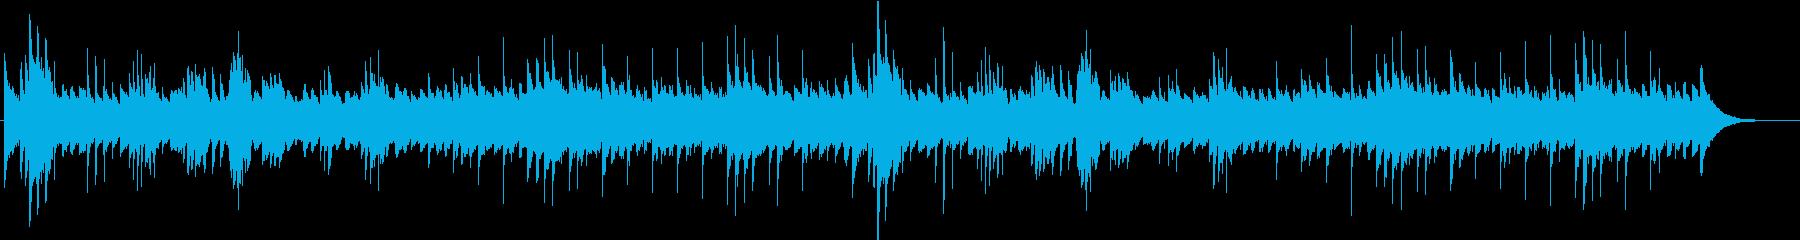 魔法の館の再生済みの波形